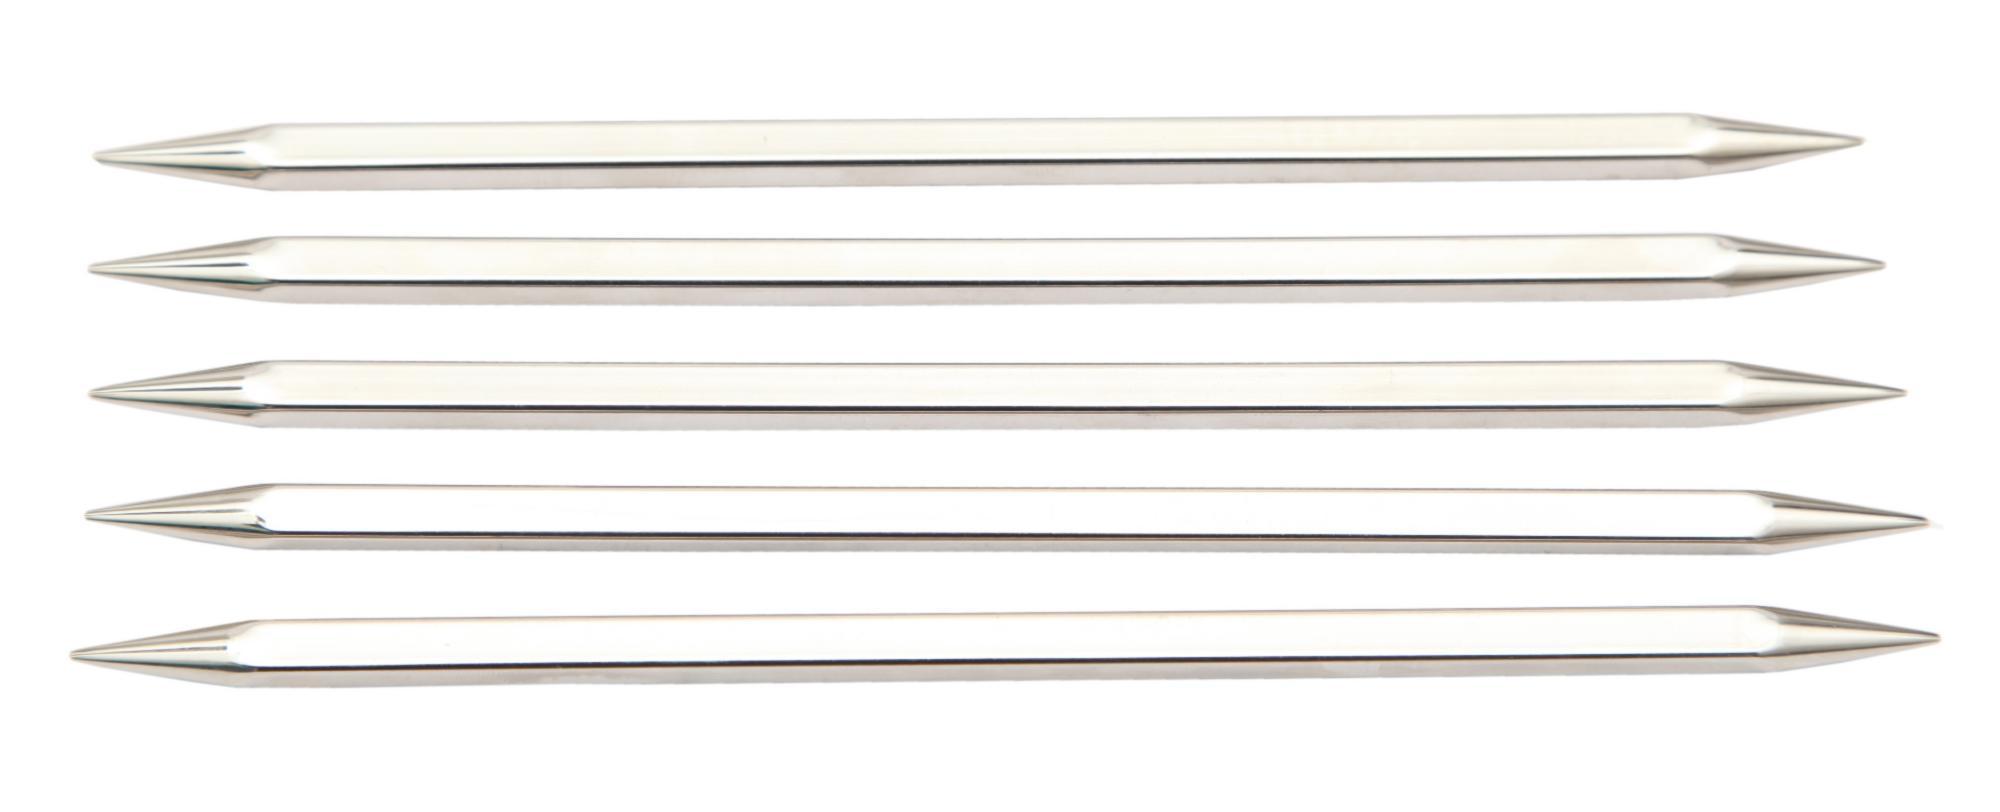 Спицы носочные 20 см Nova Cubics KnitPro, 12131, 5.00 мм